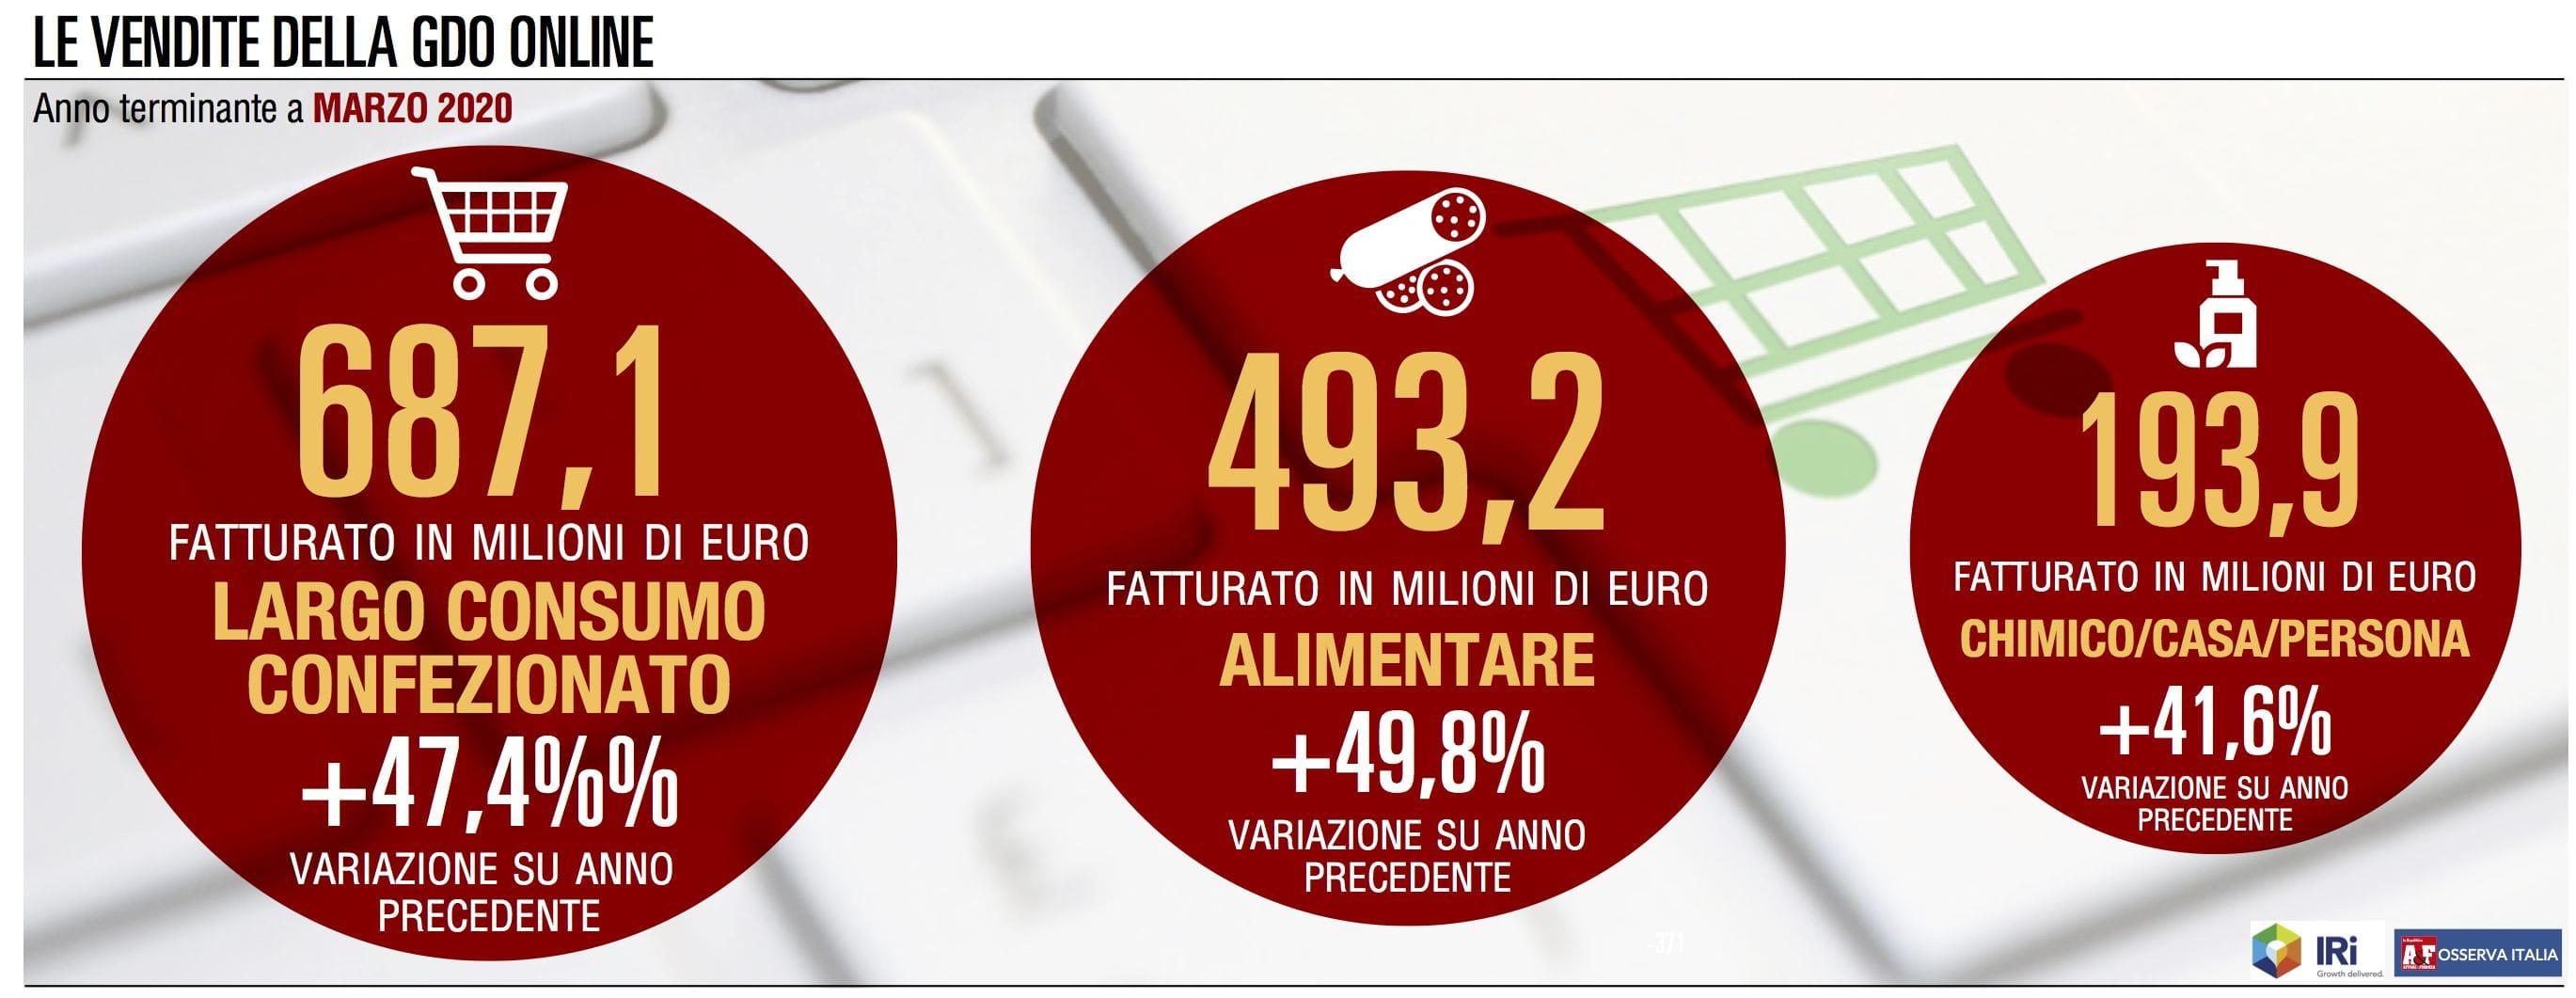 Le vendite online della Gdo sono raddoppiate a marzo